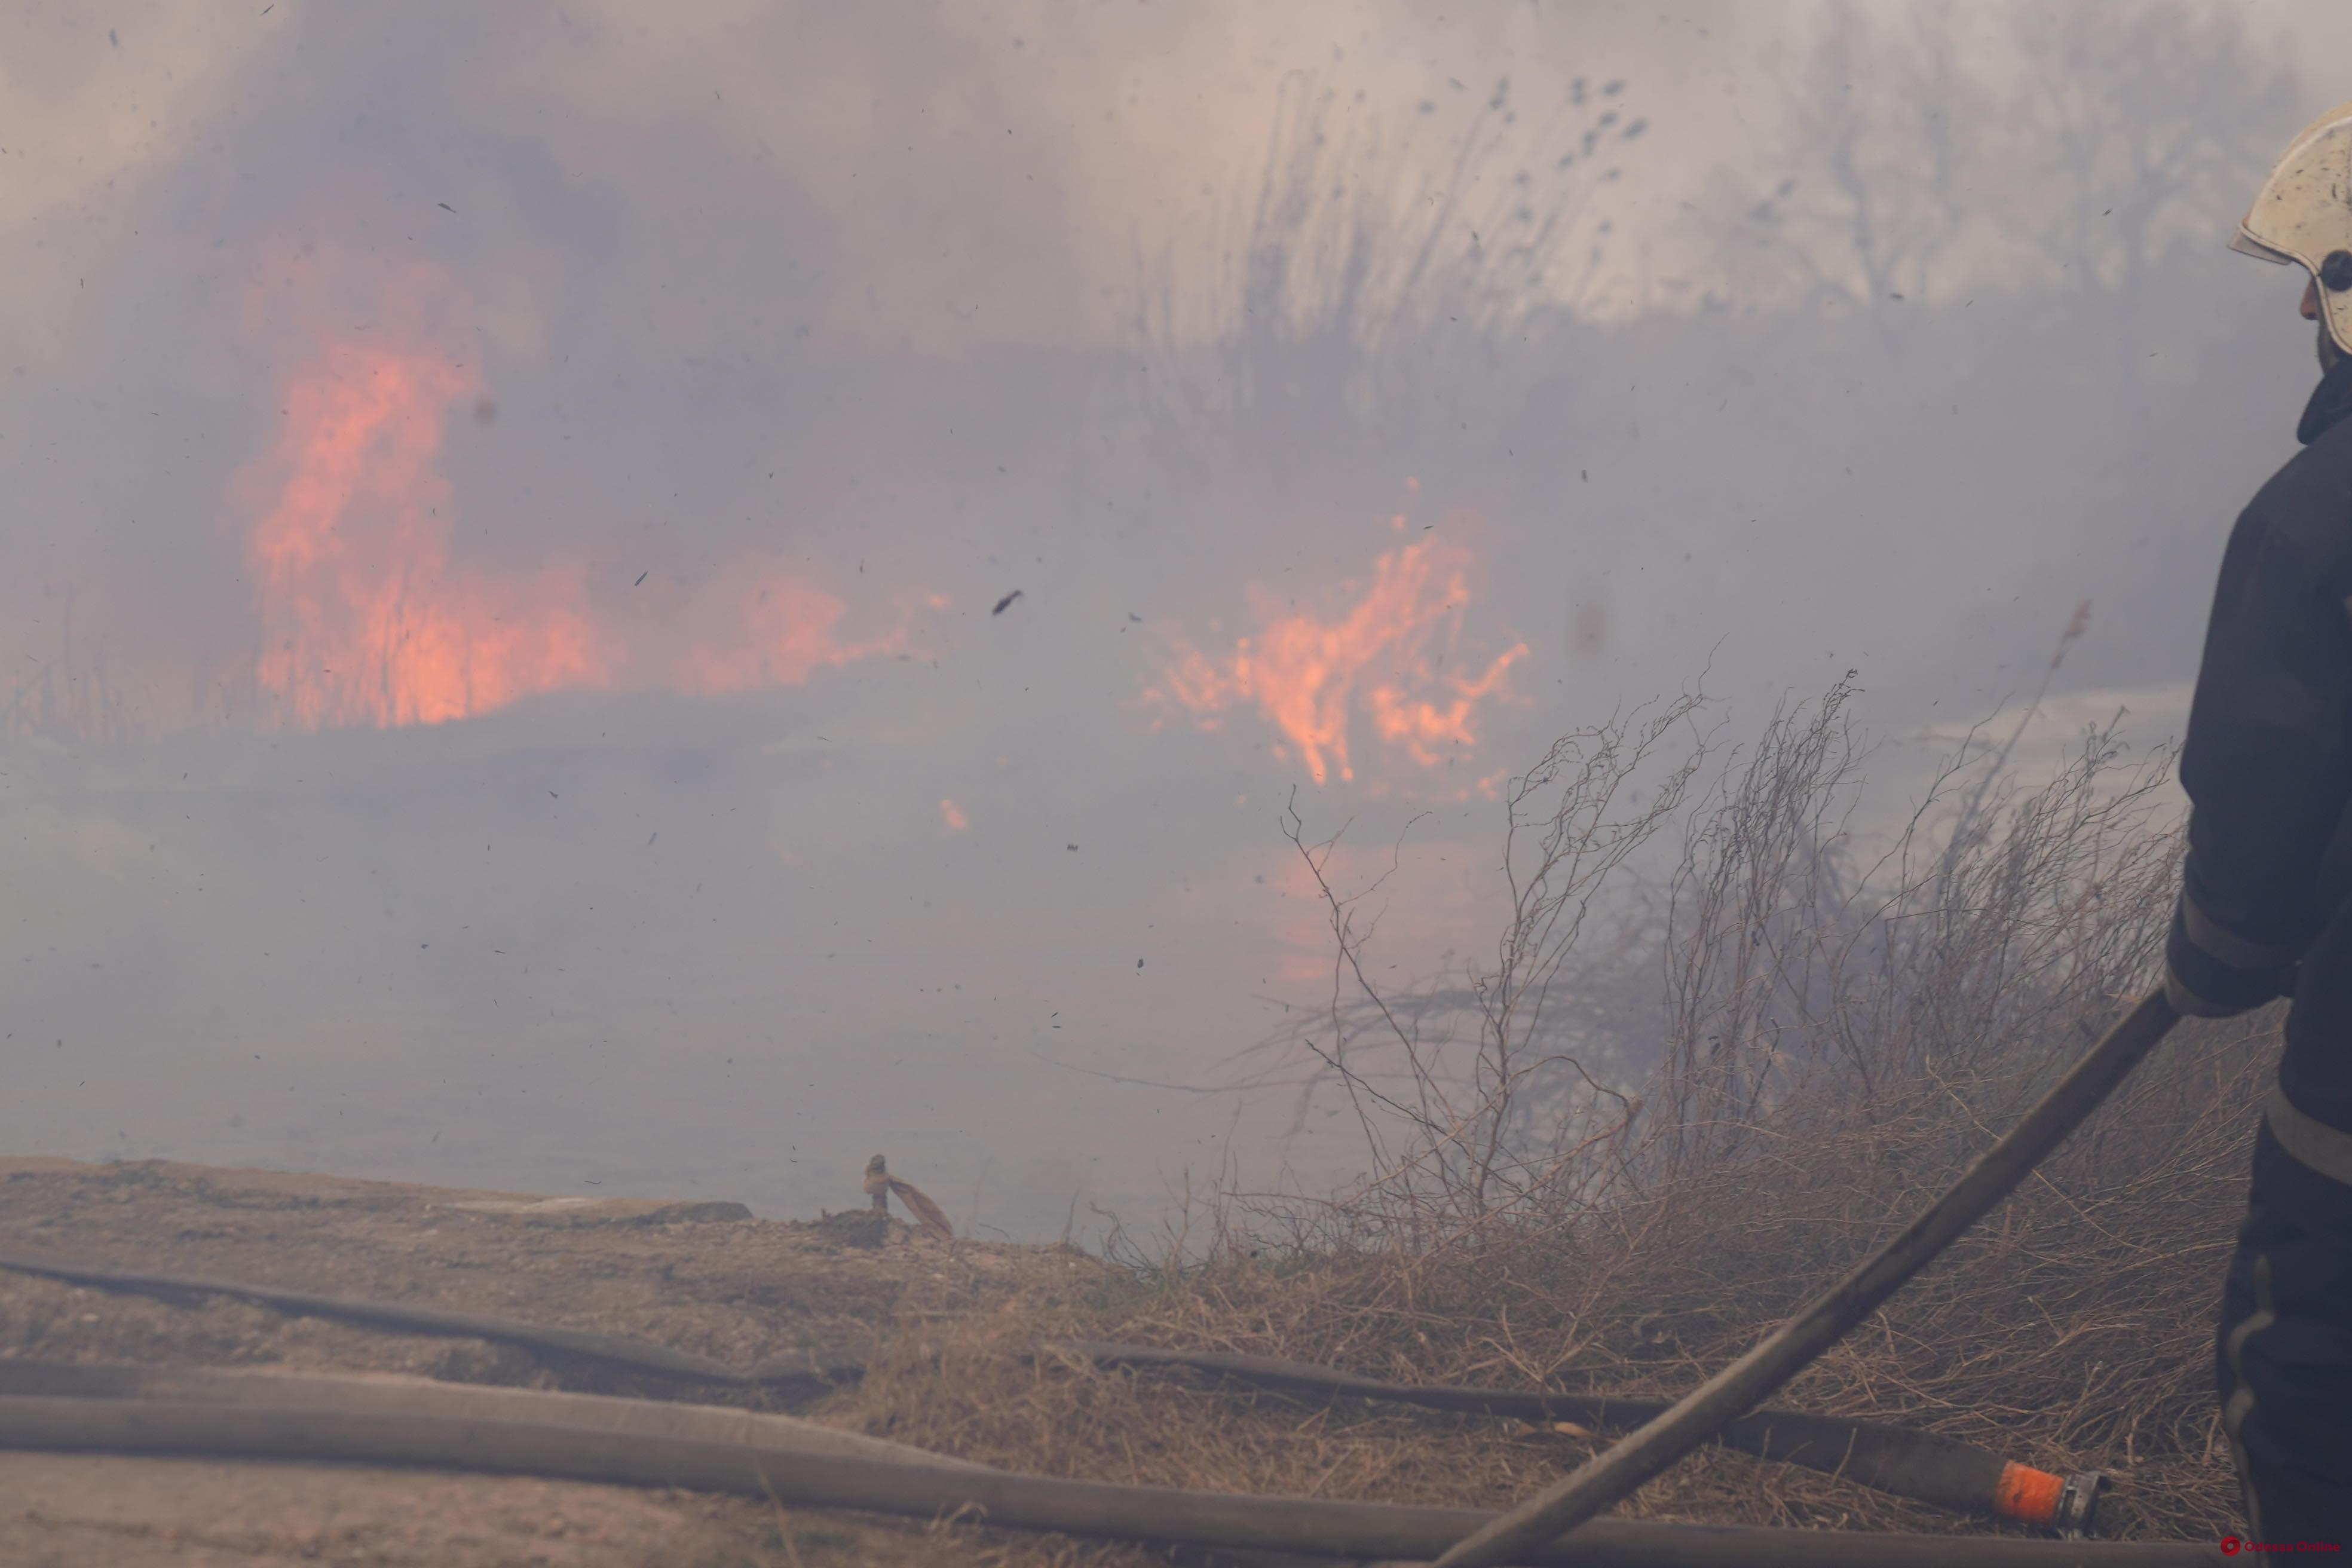 В Одессе на полях орошения на большой площади горит камыш (фото, видео, обновляется)